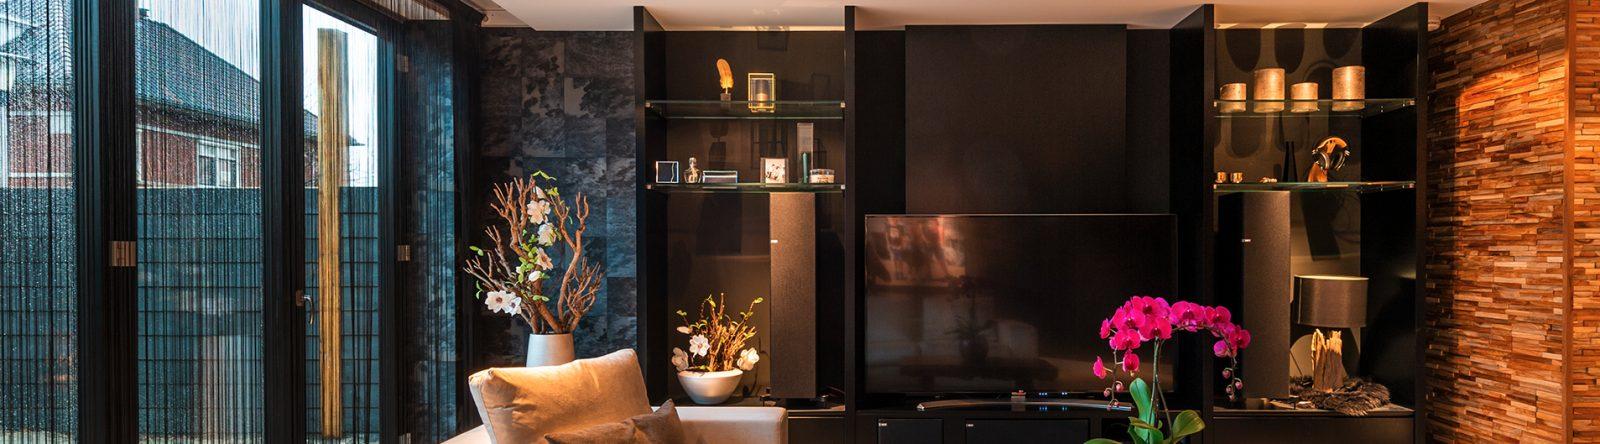 Tv meubel op maat laten maken door interieurbouwer Bergschenhoek